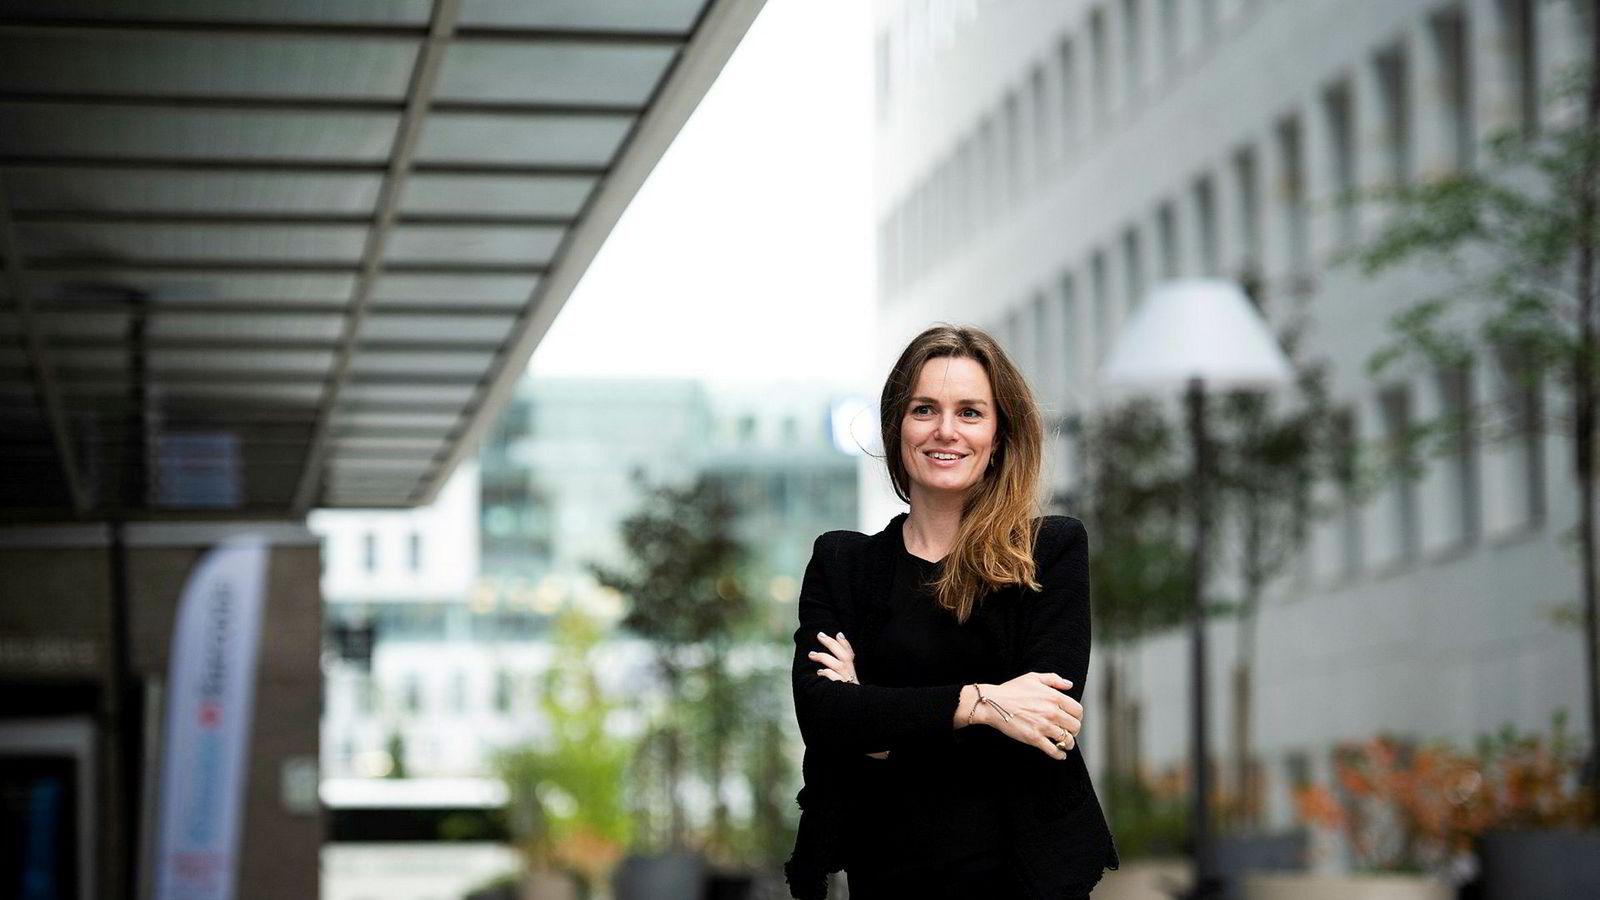 – Det er en tapt mulighet, sier Rikke Eckhoff Høvding om den lave andelen penger som investeres i kvinnelige gründere. Hun er administrerende direktør i Norsk Venturekapitalforening (NVCA).